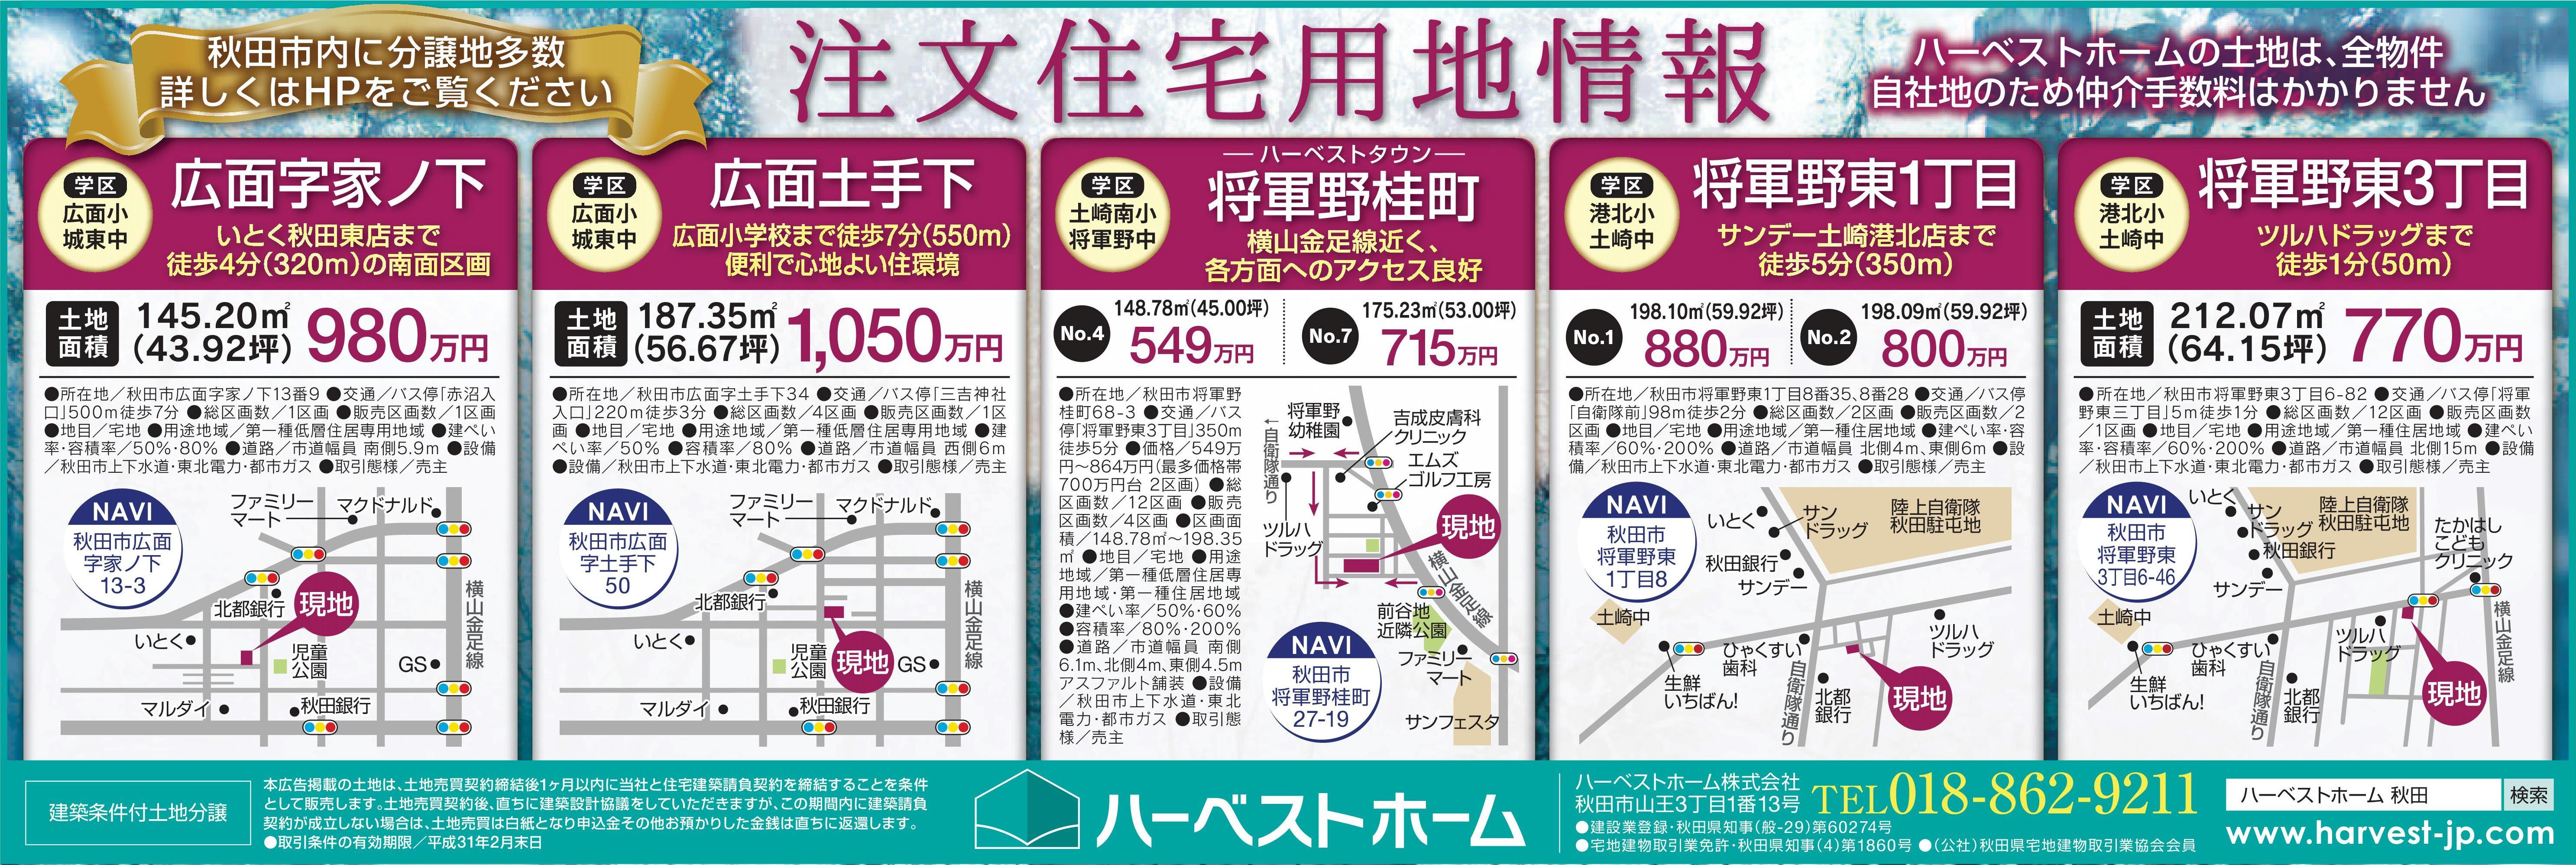 新着!!…『注文住宅用地情報』を公開!